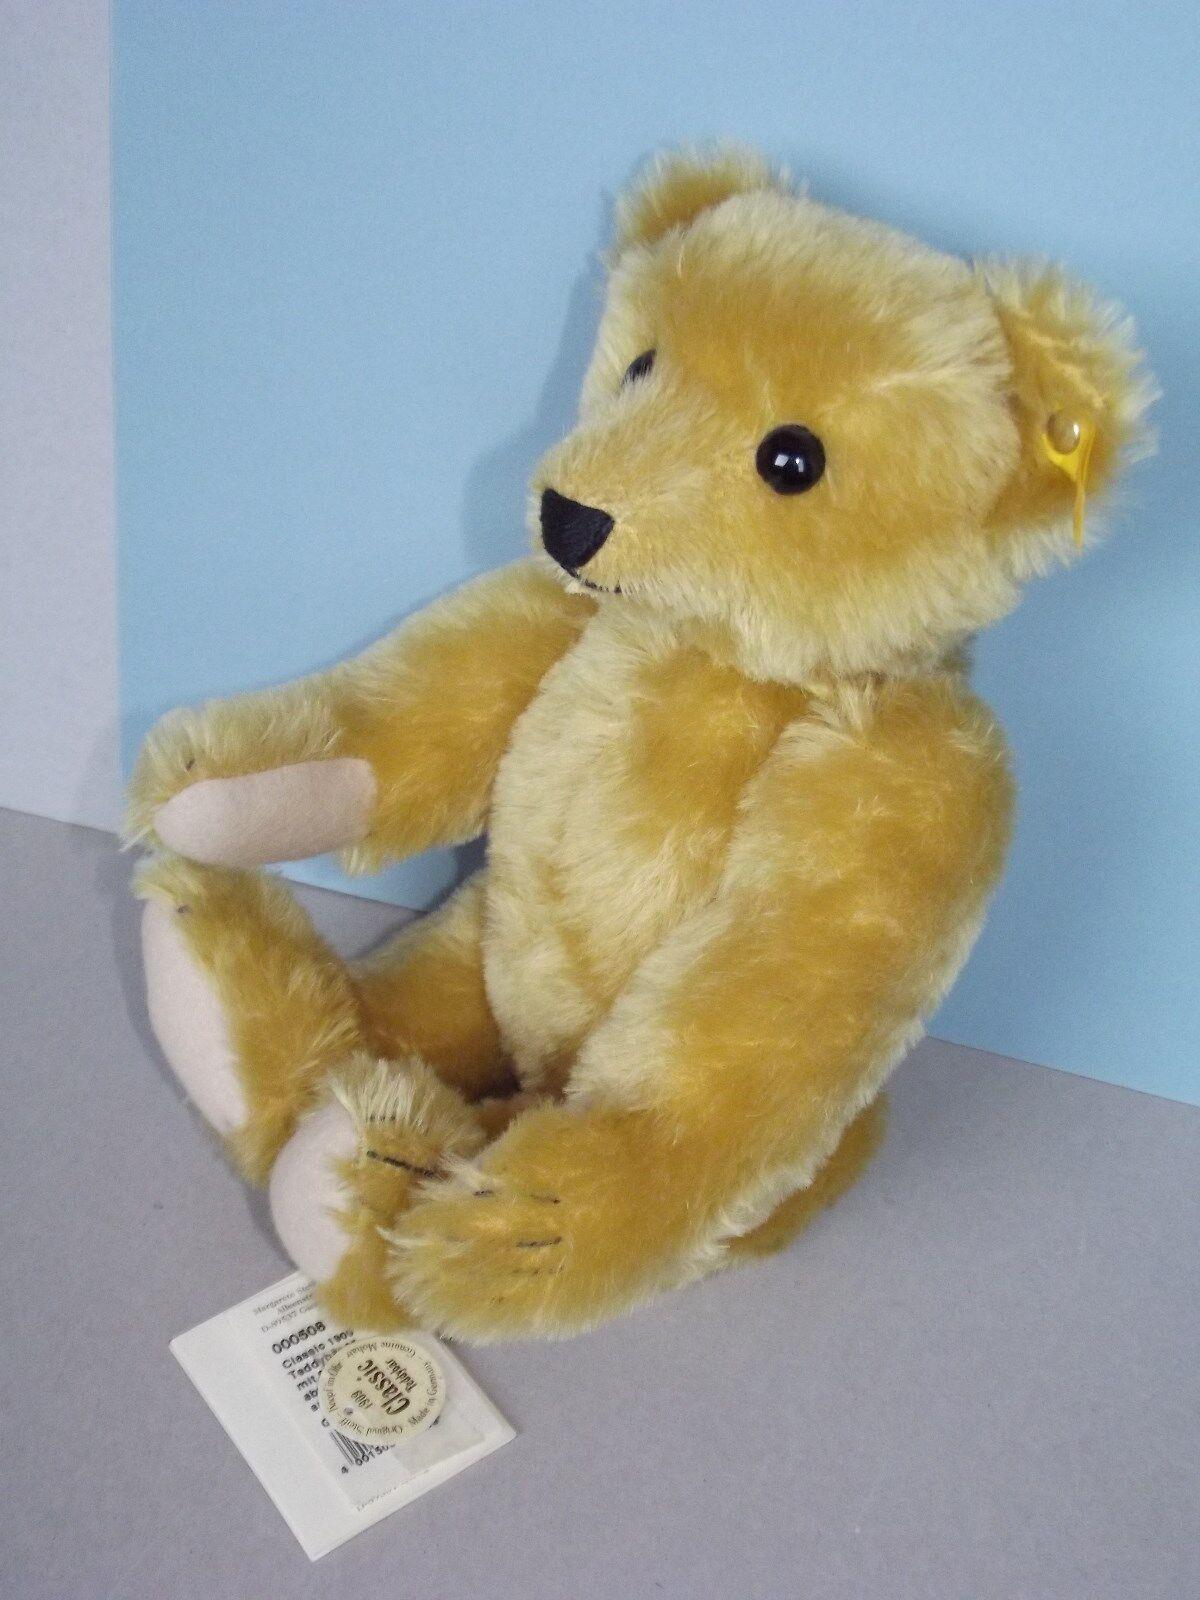 Steiff Teddy Nr 000508  Classic Teddybär 1909 Brummtimme Brummtimme Brummtimme 35 cm 1998-03 neuw. 029159